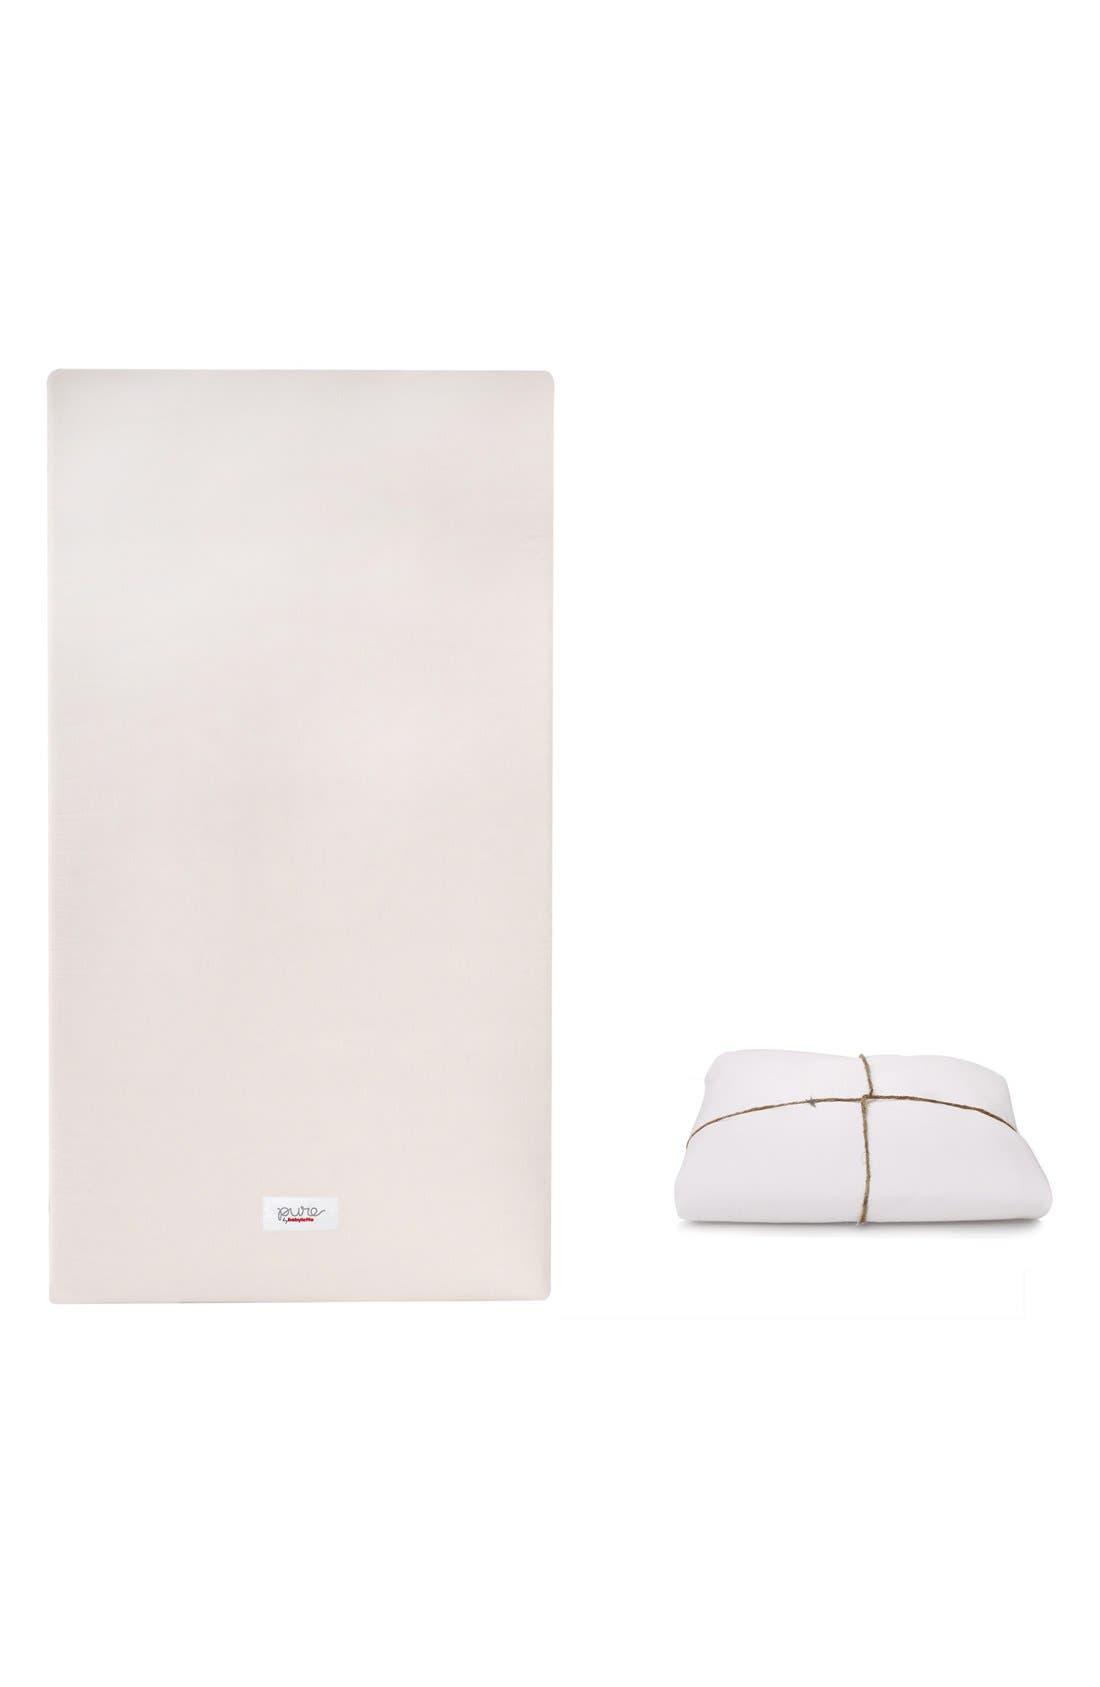 'Coco Core' Nontoxic Crib Mattress & DRY Waterproof Cover,                         Main,                         color, White